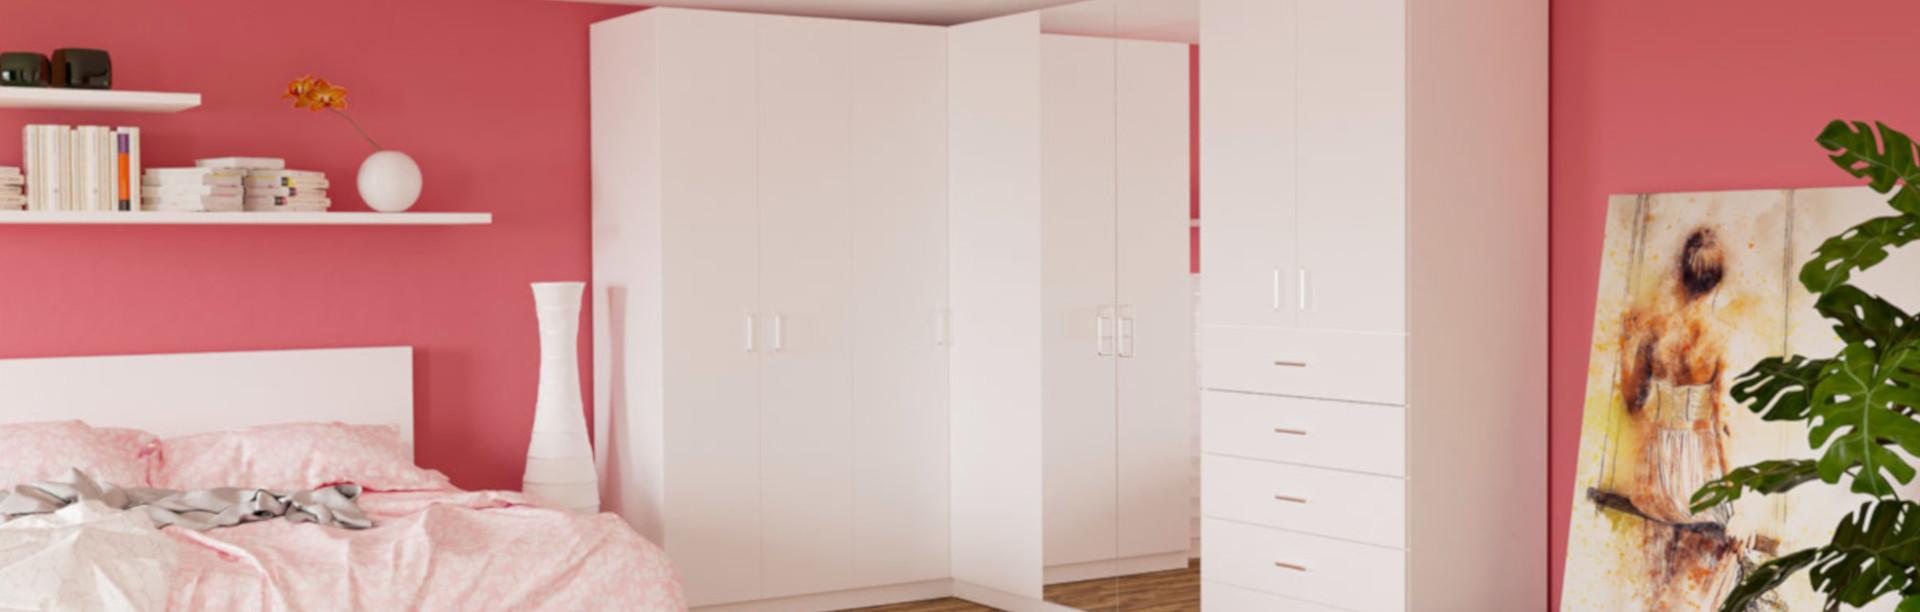 Full Size of Mambel Im Kinderzimmer Schrank Und Regal Planen Schrankwerkde Sofa Weiß Regale Küche Eckschrank Bad Schlafzimmer Wohnzimmer Kinderzimmer Eckschrank